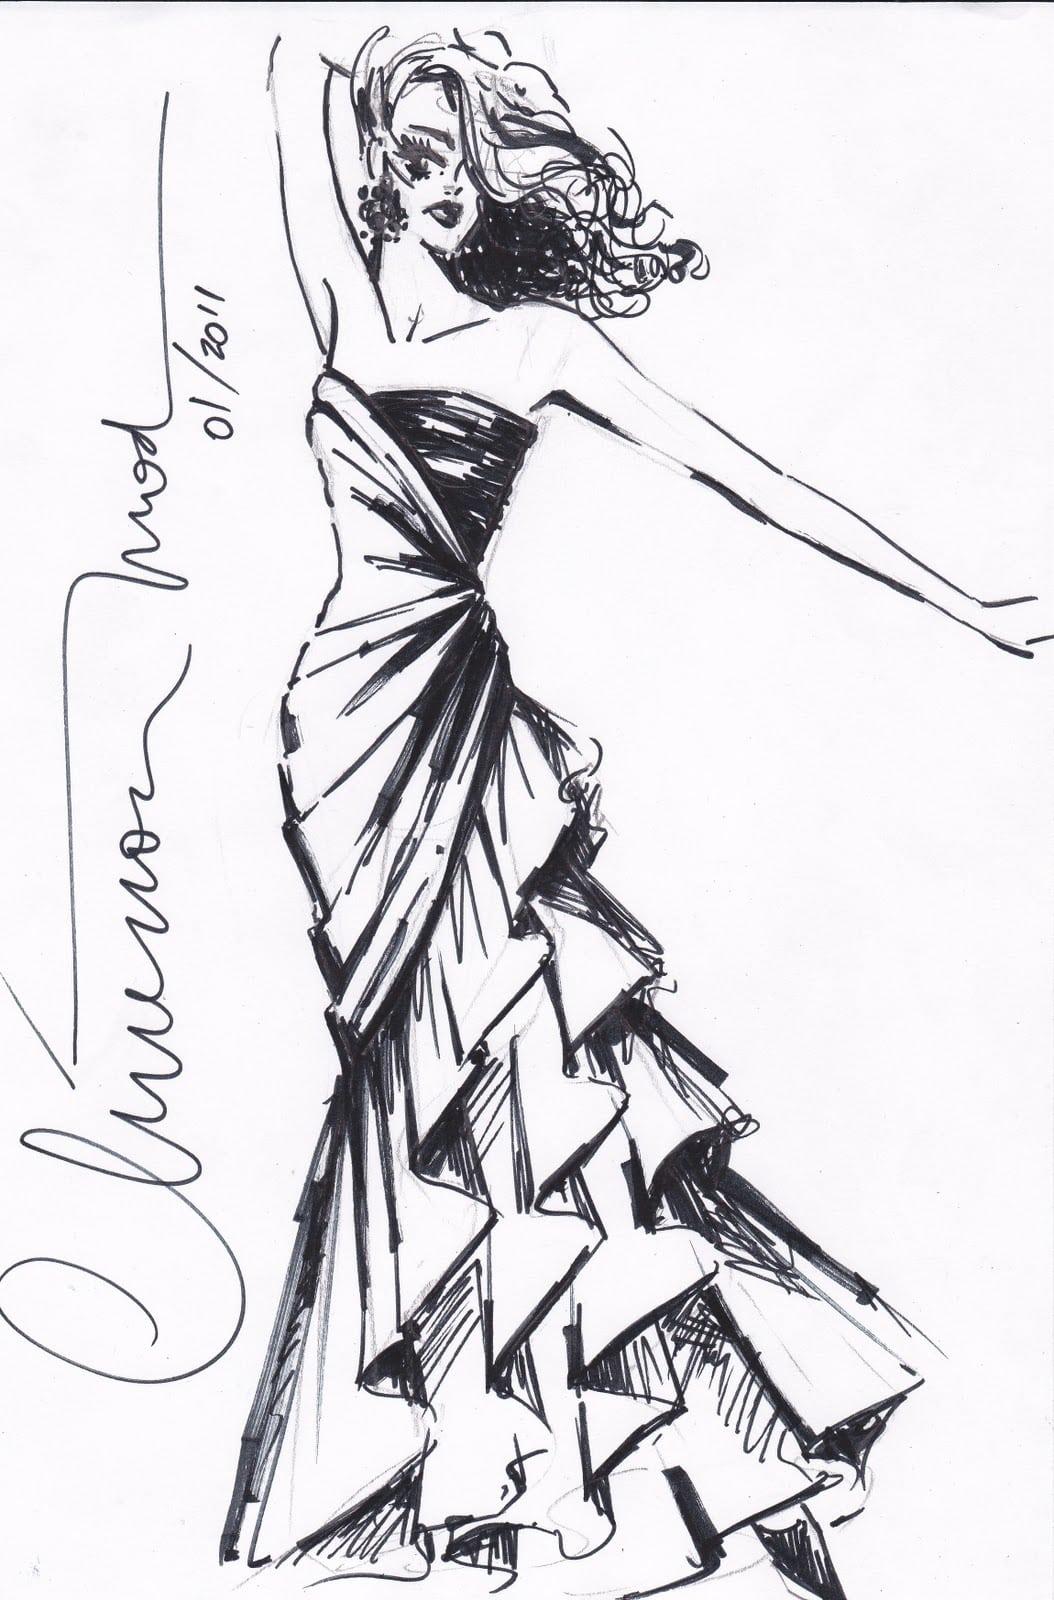 1000+ Images About Moda De Ainhoa On Pinterest